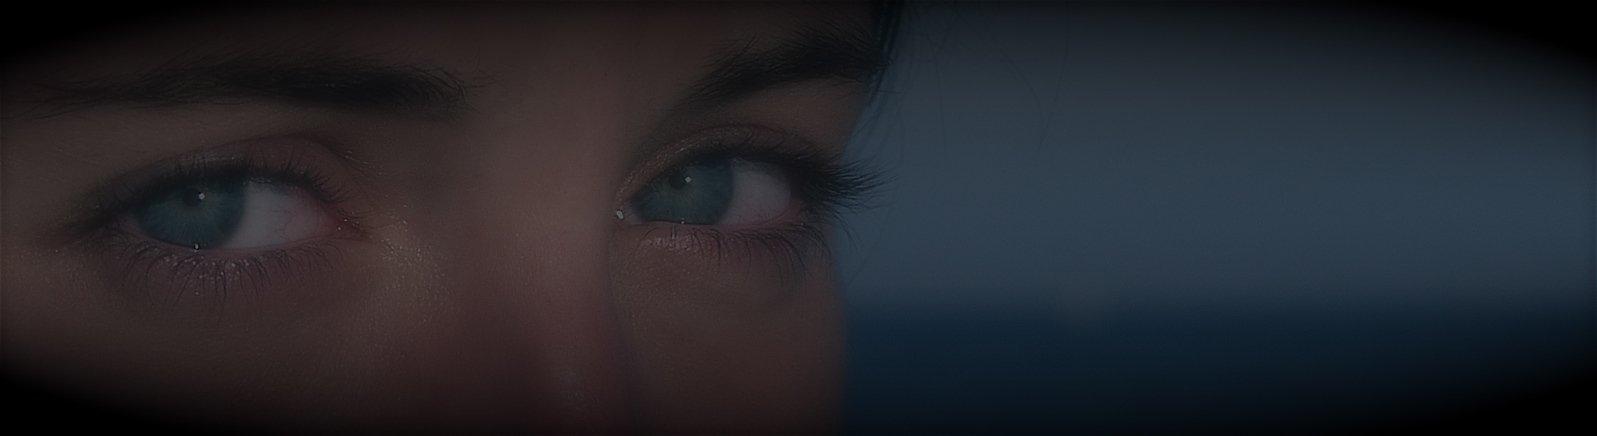 ночью сладенький глазик видео григорий